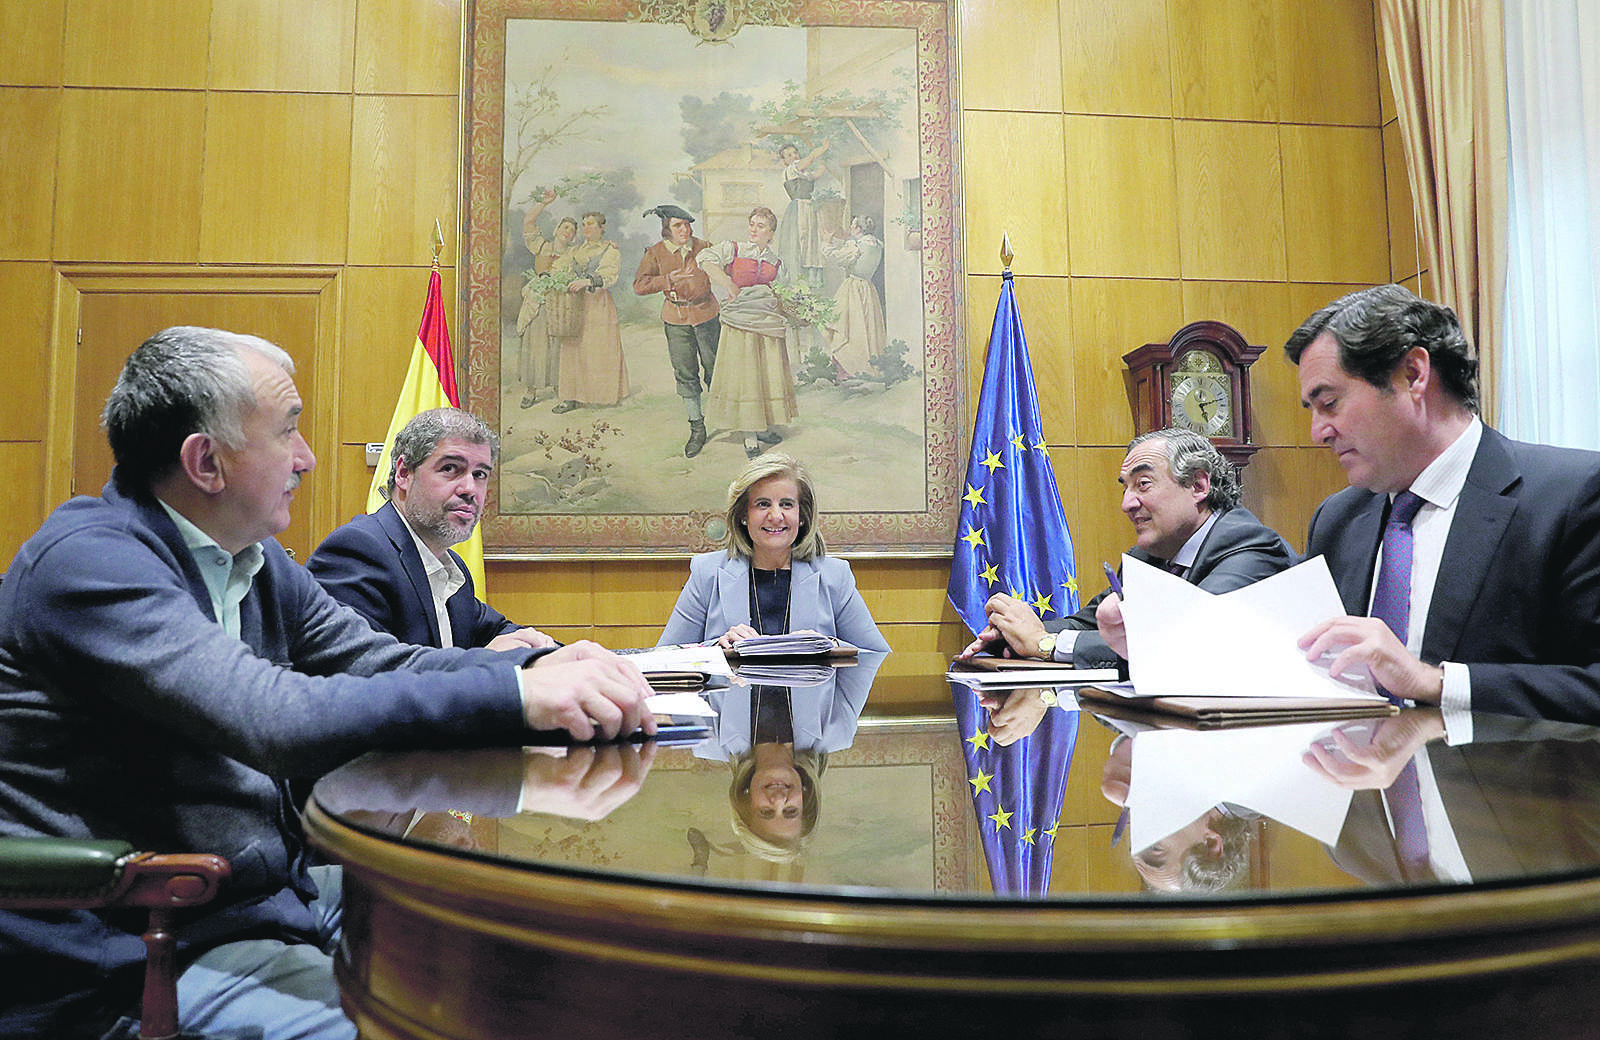 La hoja de ruta de Sánchez e Iglesias agravará la desaceleración y el paro